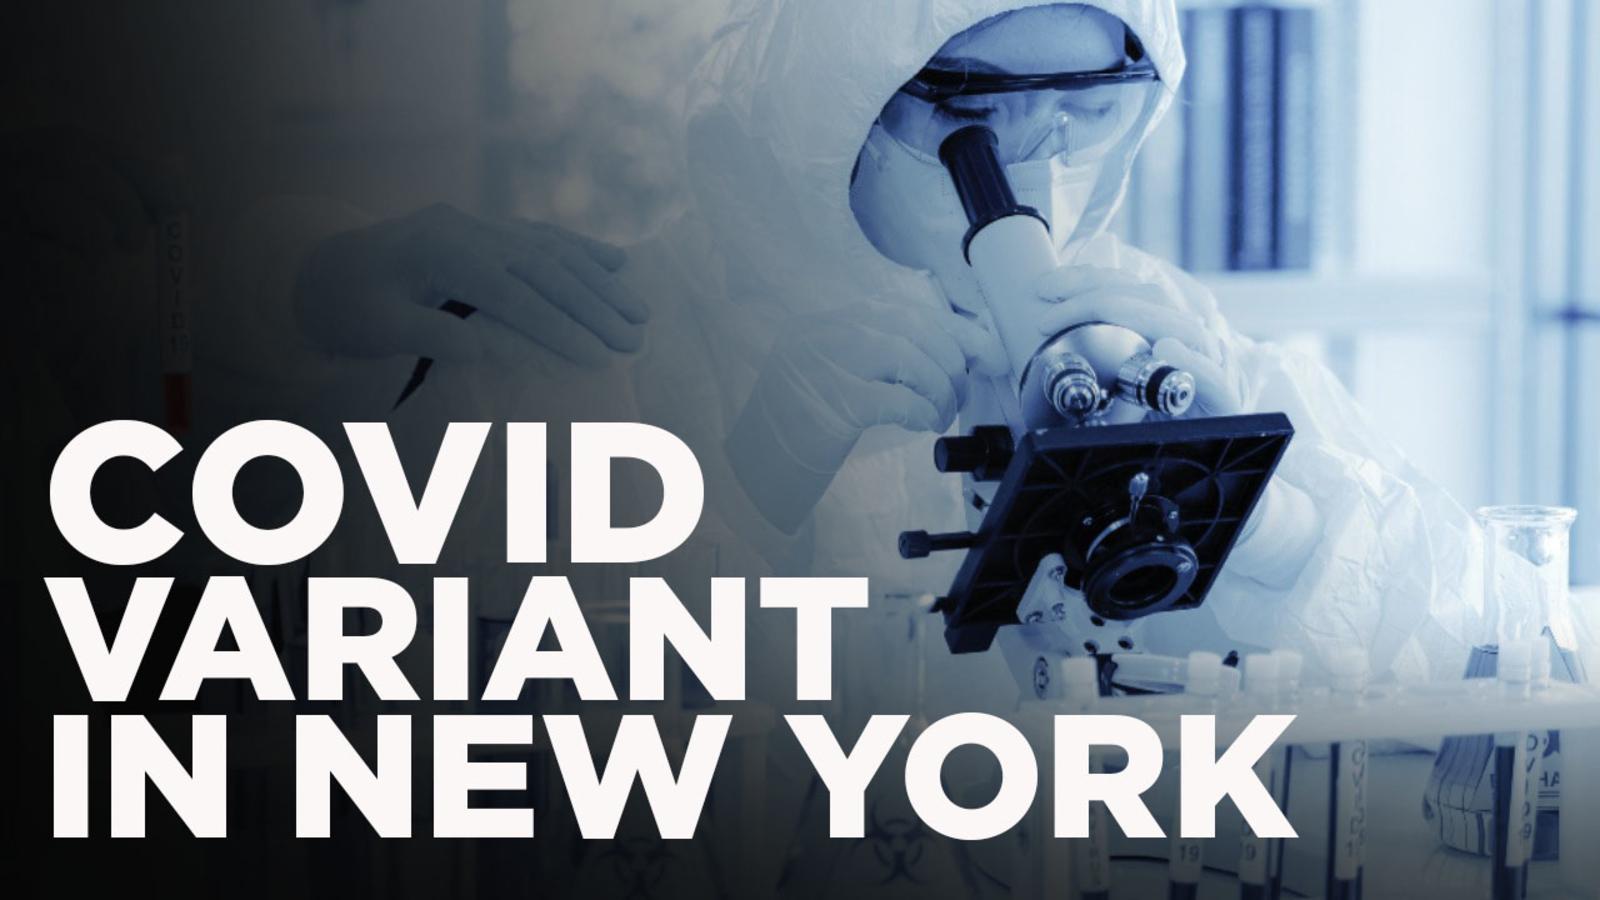 2/25美国疫情更新:纽约发现新的新冠变异株;洛杉矶下周扩大疫苗接种范围